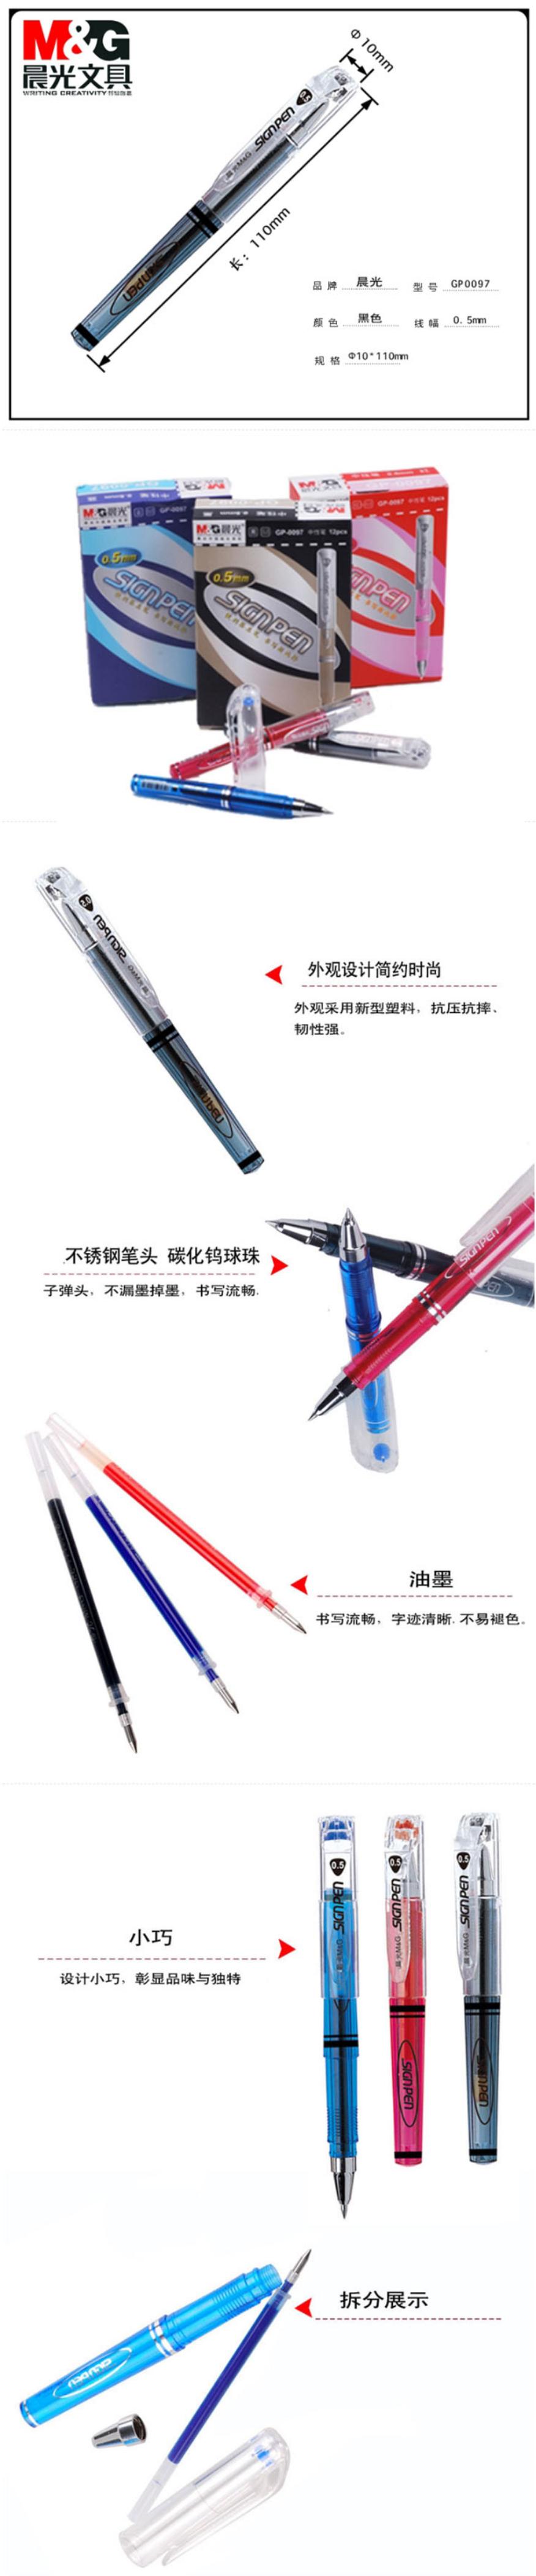 GP 0097晨光中性笔芯 黑色